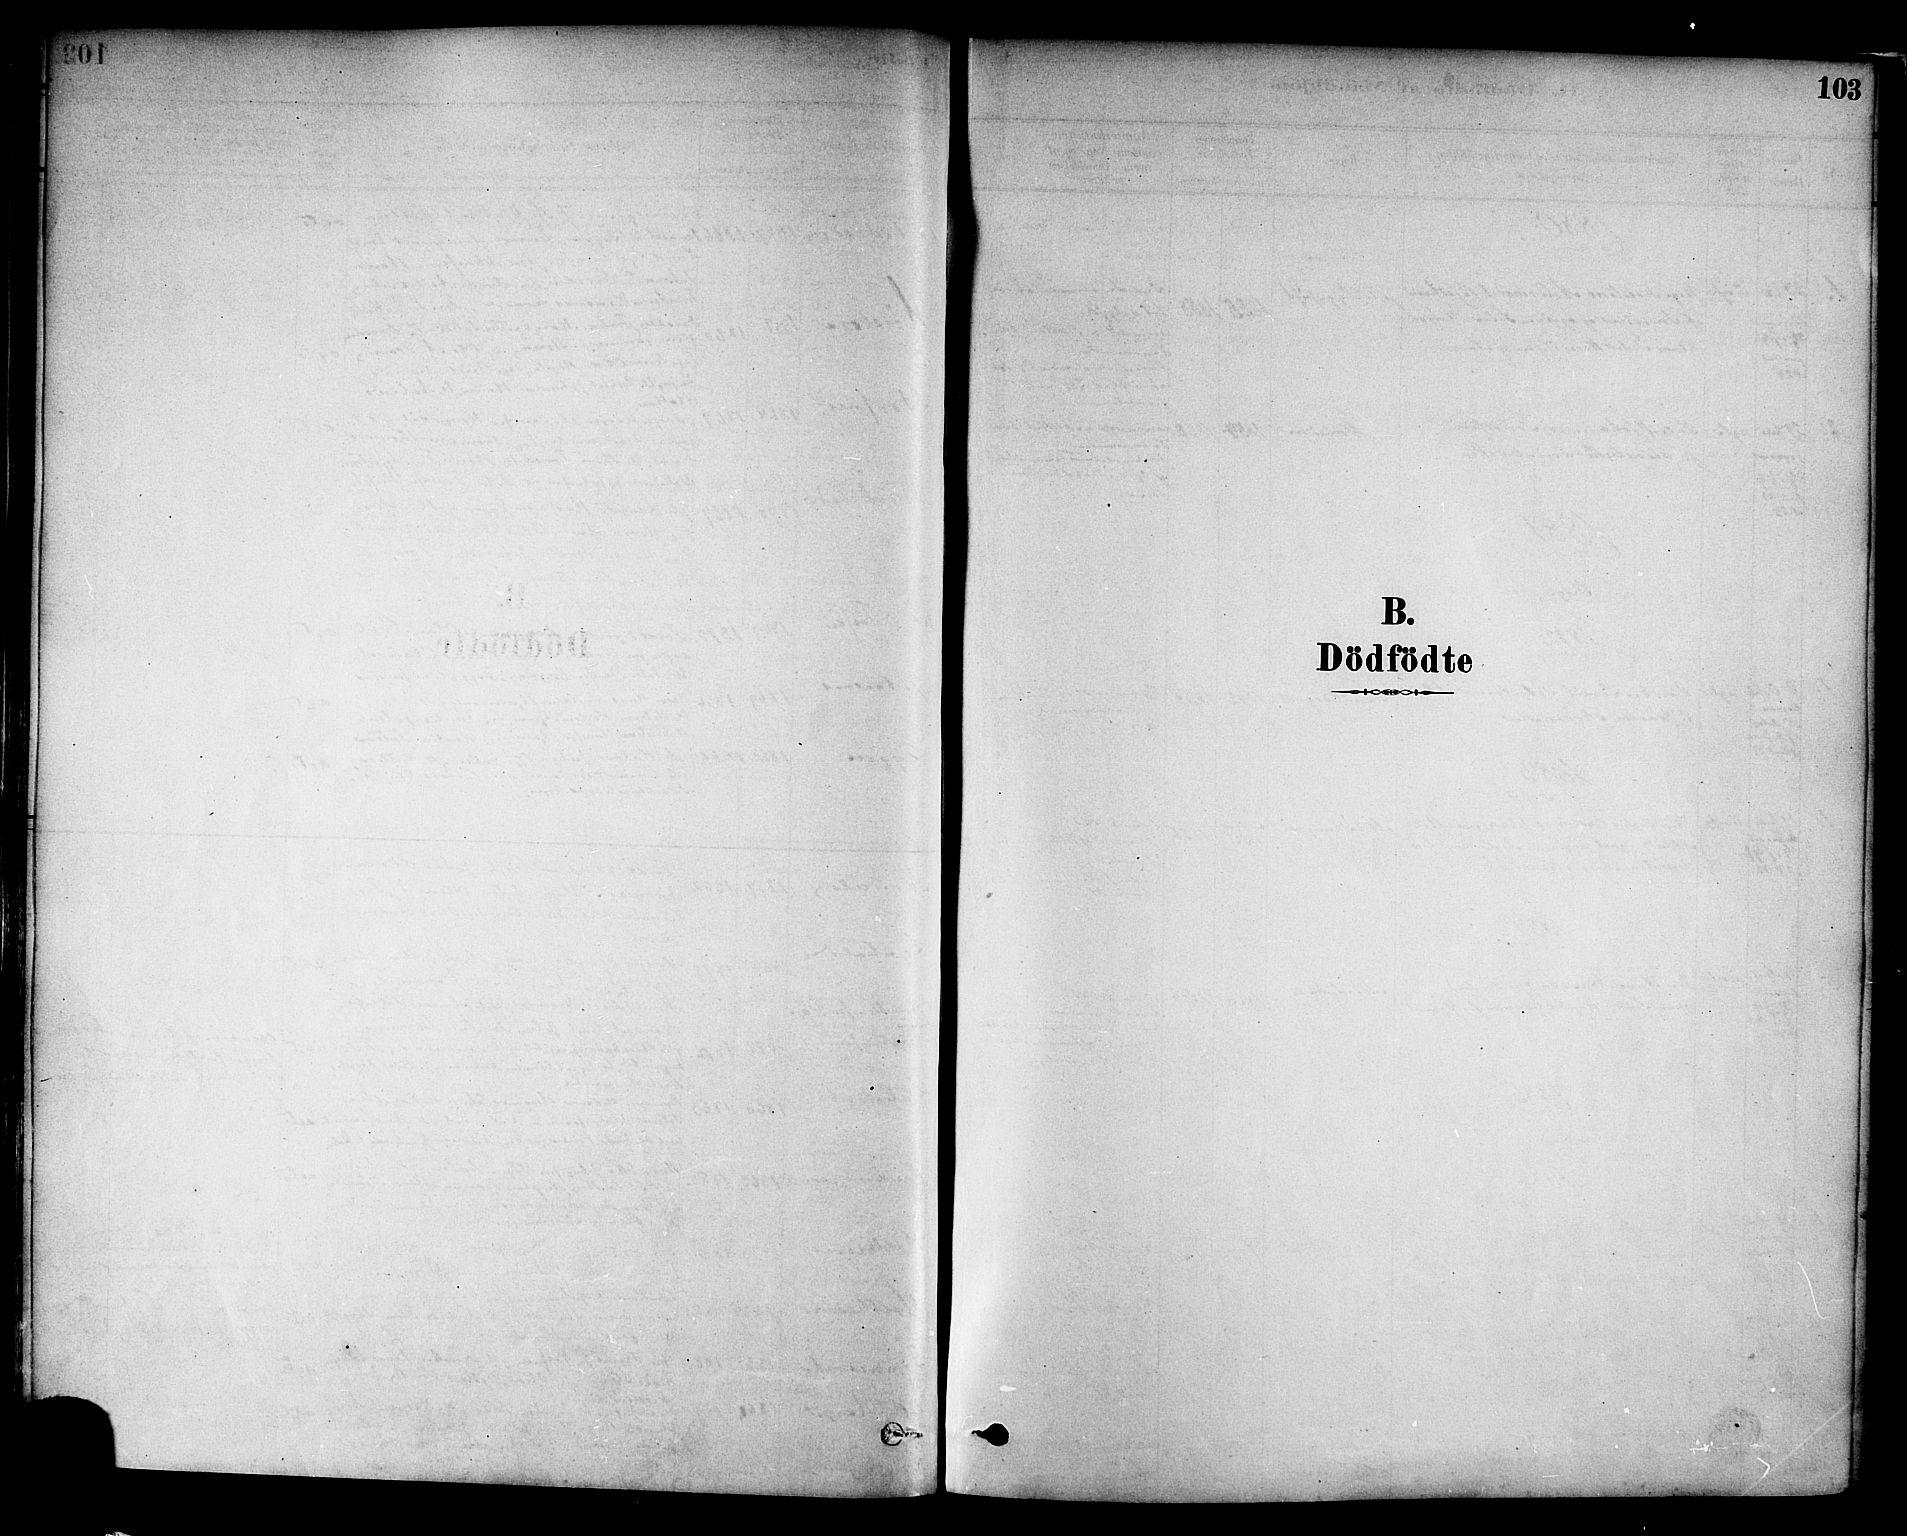 SAT, Ministerialprotokoller, klokkerbøker og fødselsregistre - Nord-Trøndelag, 717/L0159: Ministerialbok nr. 717A09, 1878-1898, s. 103